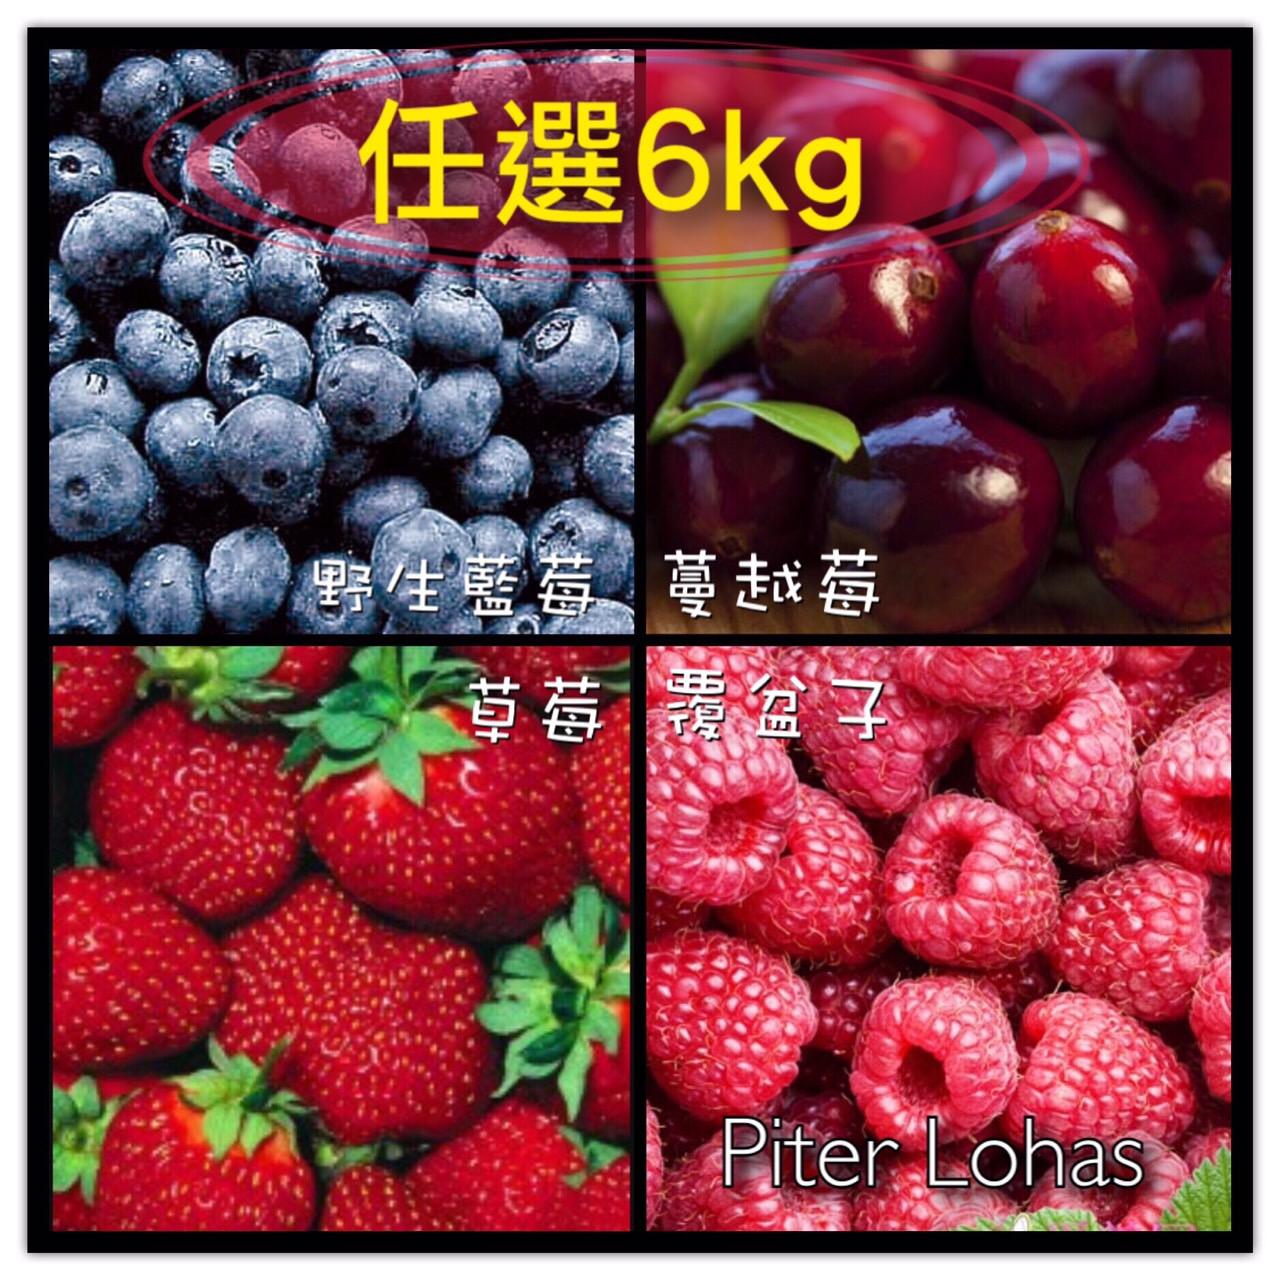 免運費!任選6公斤I.Q.F.急速冷凍莓果系列,[特選頂級蔓越莓/覆盆子/草莓/野生藍莓/森林綜合莓果(前四種混和)]